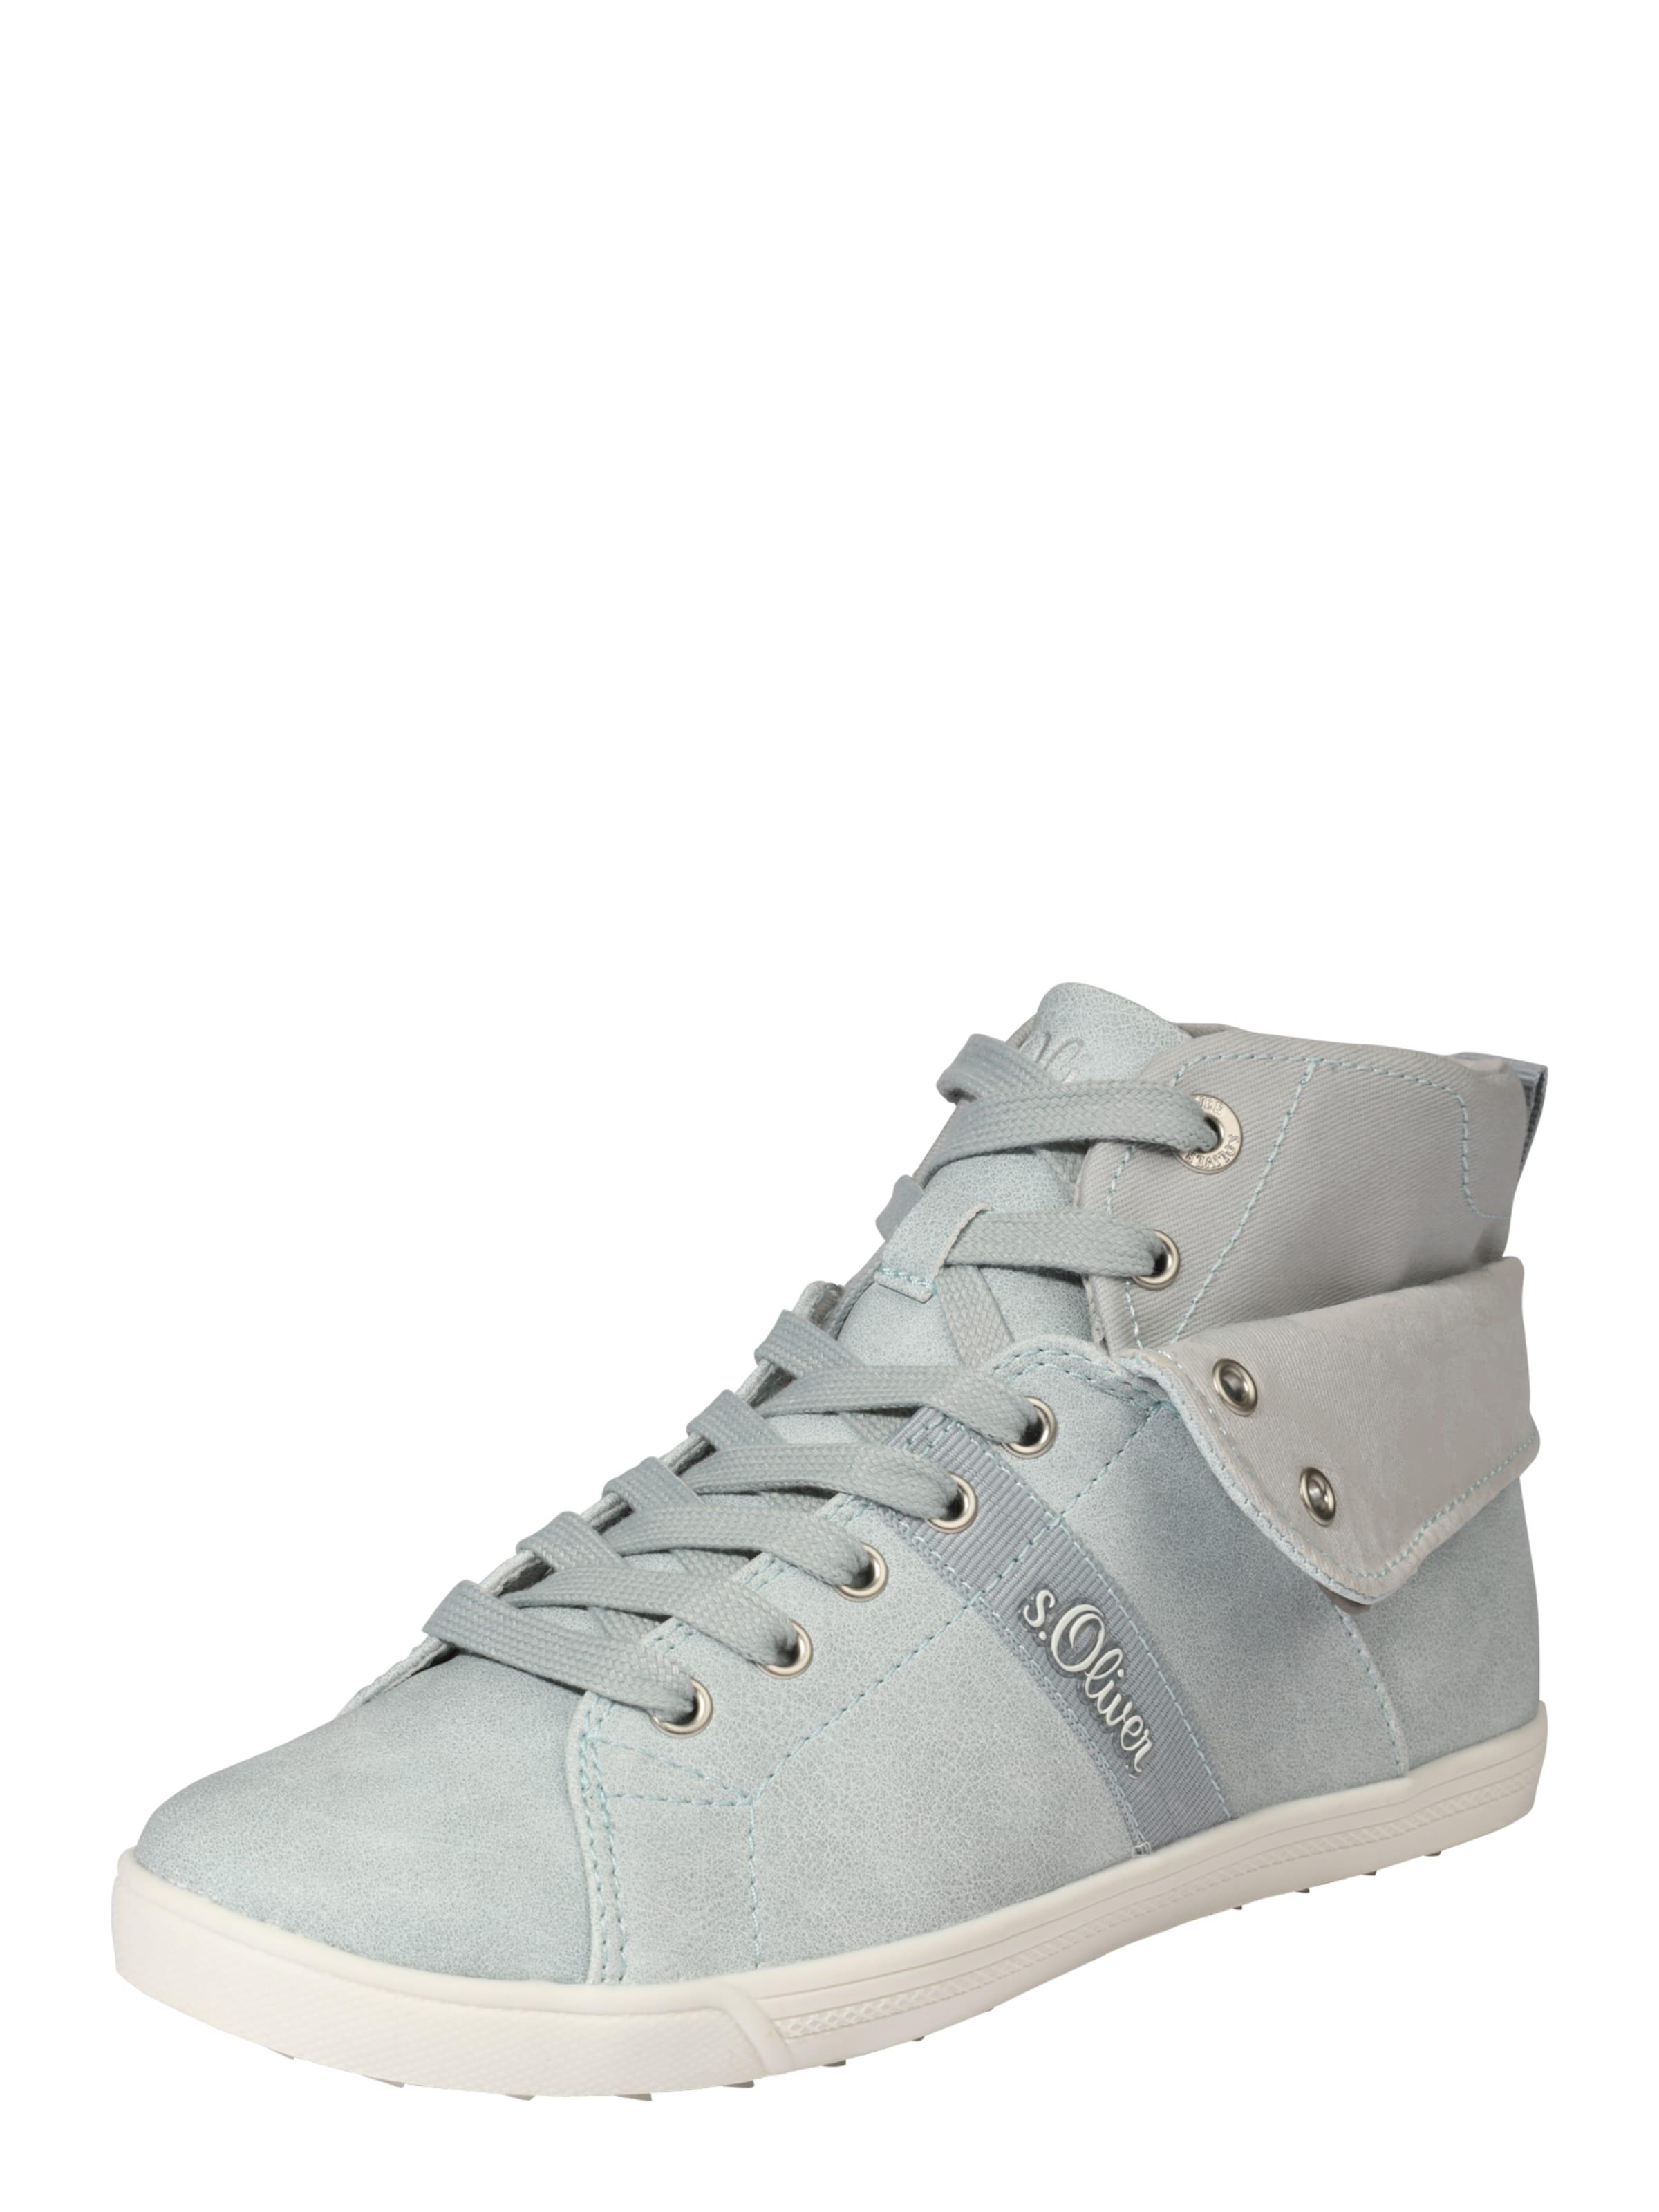 S.oliver Étiquette Rouge Hautes Chaussures De Sport Bleu MqVWp9